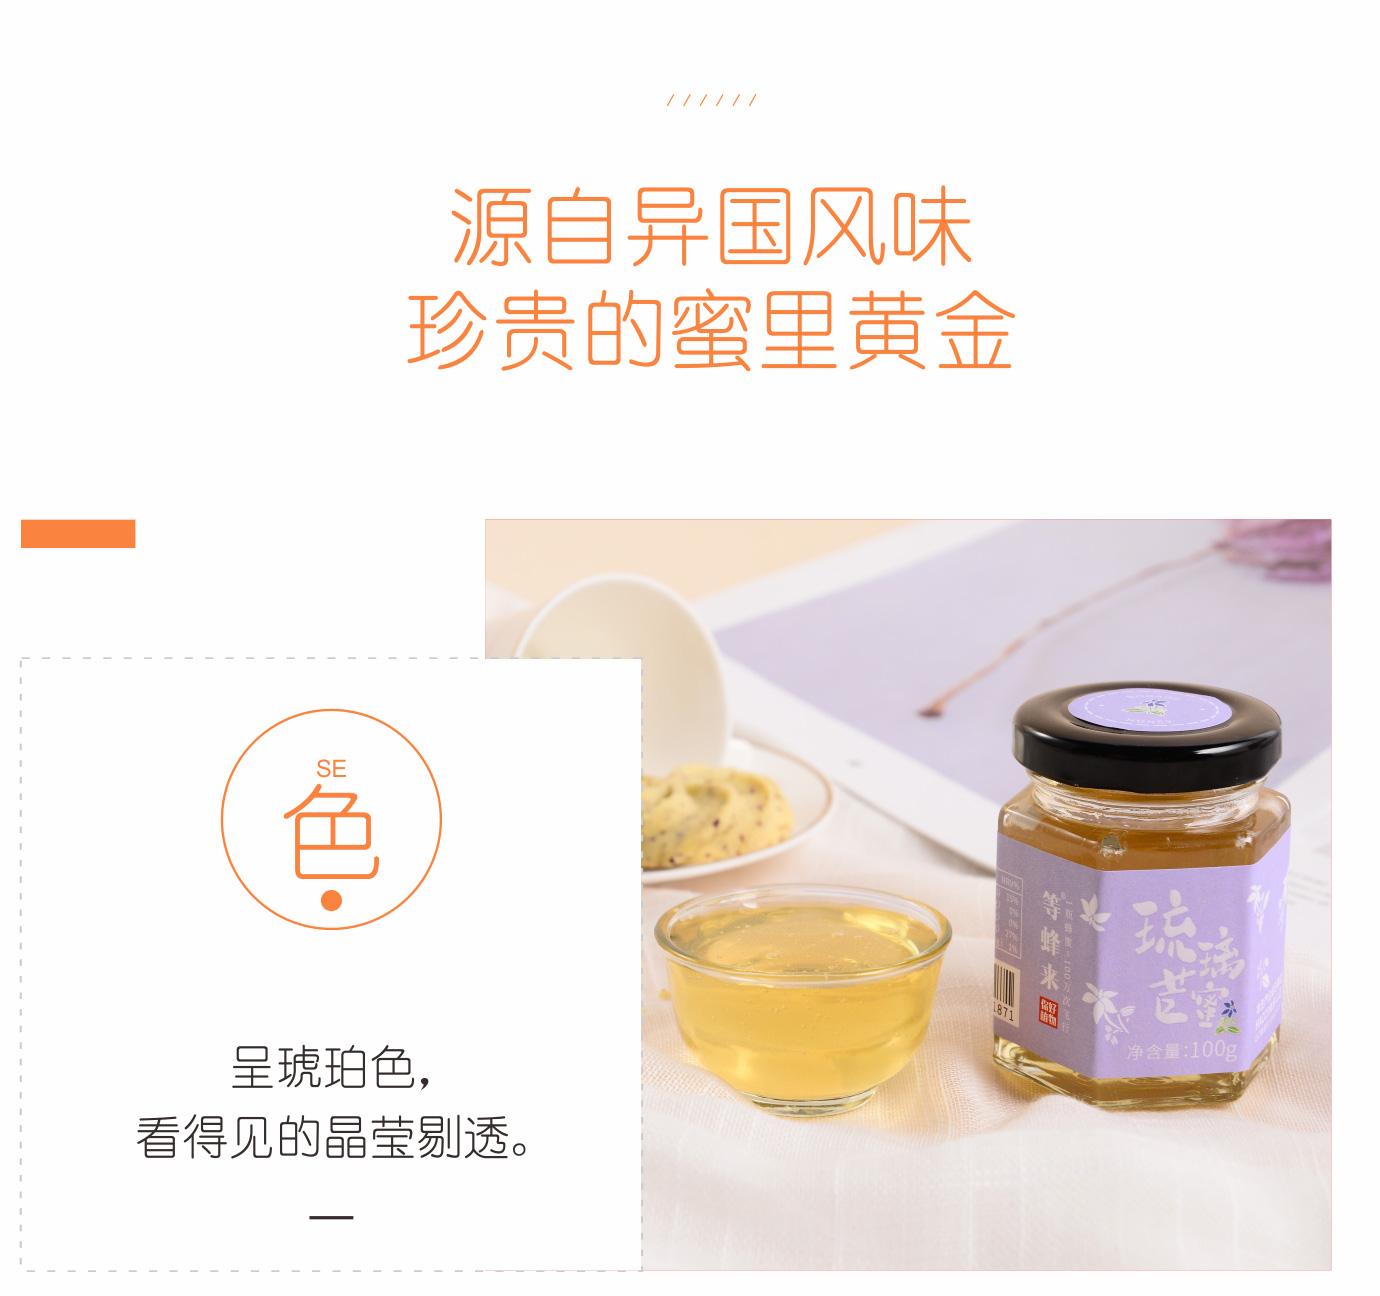 琉璃苣蜂蜜_11.jpg